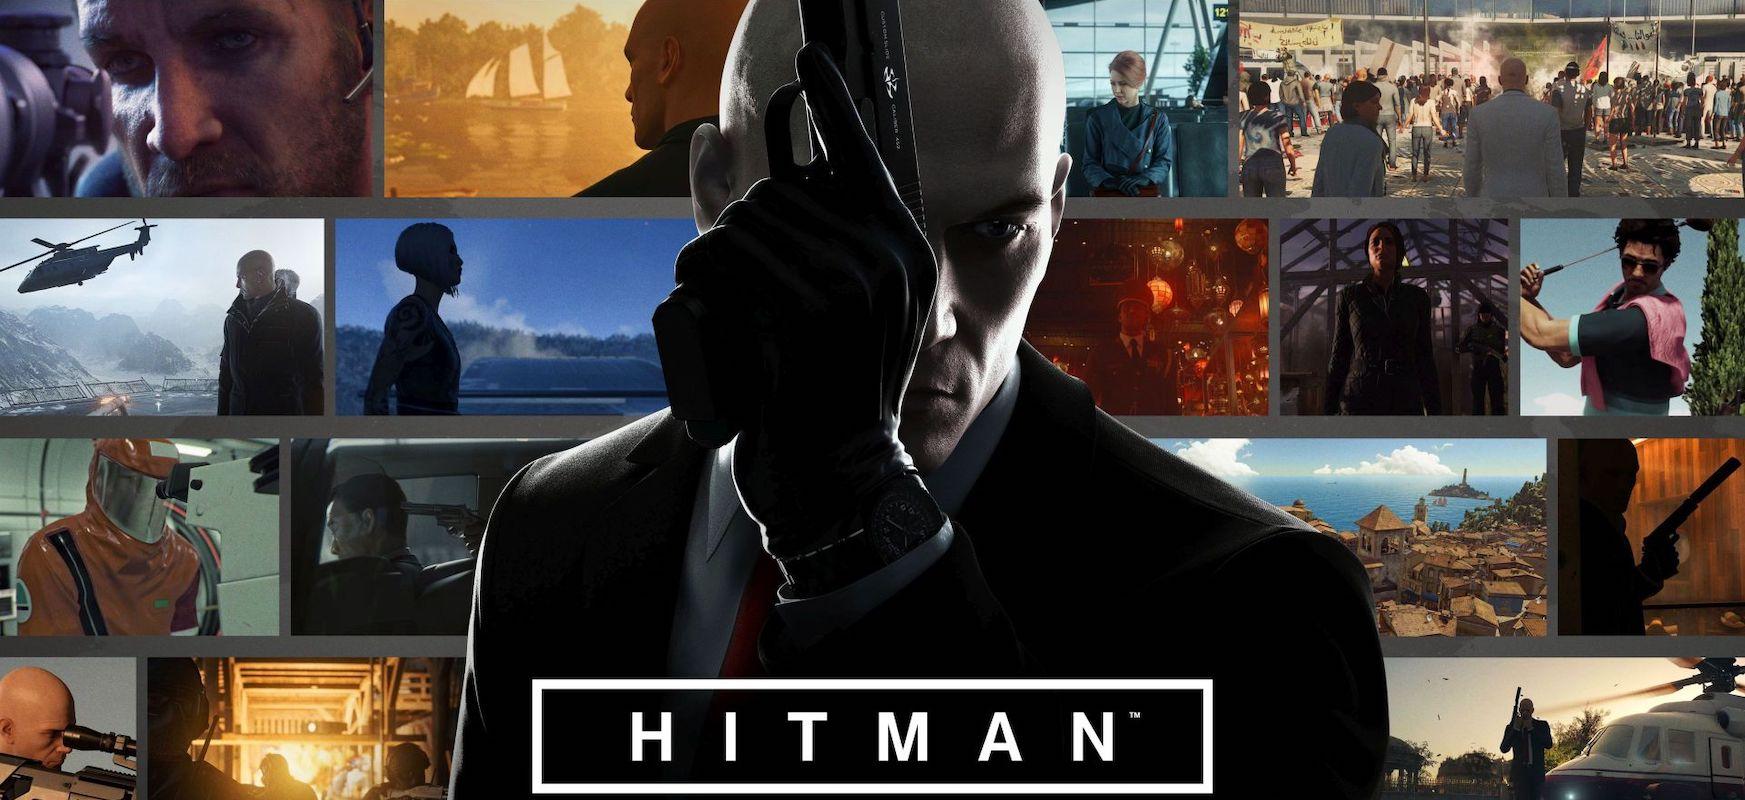 Hitman doan PlayStationen 4.  Deskargatzeko lehen denboraldi osoa